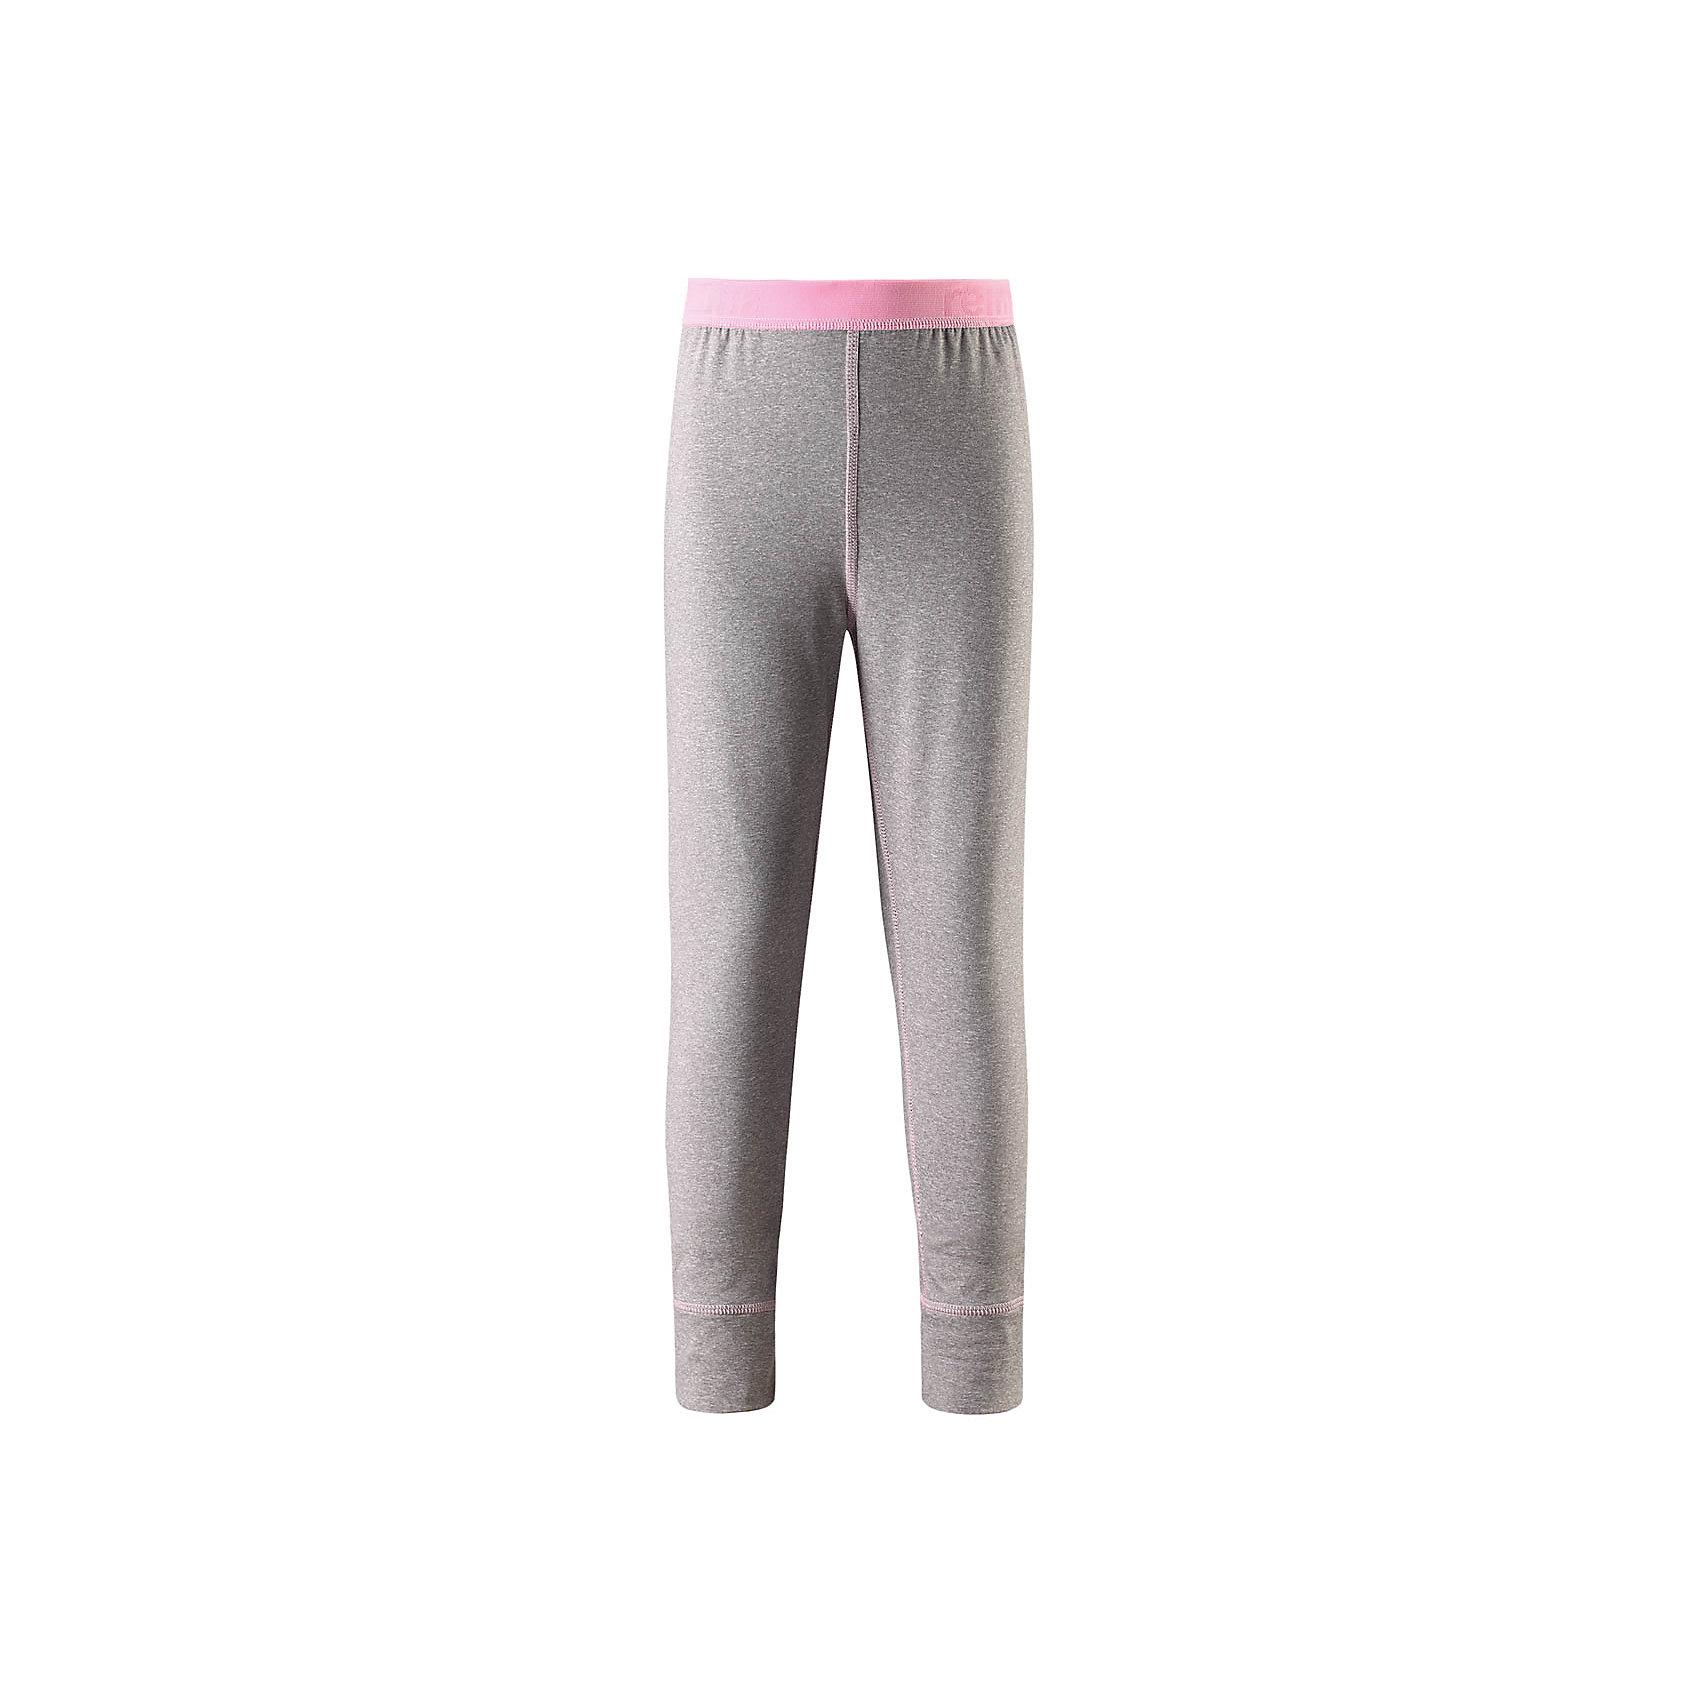 Брюки Reima FilzФлис и термобелье<br>Характеристики товара:<br><br>• цвет: серый/розовый;<br>• состав: 92% полиэстер, 8% эластан; <br>• сезон: демисезон;<br>• мягкая ткань с начесом, приятная на ощупь;<br>• гладкая передняя часть;<br>• выводит влагу в верхние слои одежды;<br>• мягкие плоские швы для дополнительного комфорта: не раздражают кожу;<br>• эластичная талия;<br>• страна бренда: Финляндия;<br>• страна изготовитель: Китай;<br><br>Удобные стрейчевые леггинсы для подростков изготовлены из мягкого эластичного меланжевого джерси с гладкой поверхностью. Изнаночная сторона с начесом очень удобная и приятная на ощупь, а плоские швы не натирают кожу. Дышащий материал эффективно выводит влагу в верхние слои одежды и быстро сохнет. Материал имеет УФ-защиту 50+. Эти леггинсы станут отличным выбором для активных прогулок.<br><br>Брюки Filz Reima (Рейма) можно купить в нашем интернет-магазине.<br><br>Ширина мм: 215<br>Глубина мм: 88<br>Высота мм: 191<br>Вес г: 336<br>Цвет: серый<br>Возраст от месяцев: 156<br>Возраст до месяцев: 168<br>Пол: Унисекс<br>Возраст: Детский<br>Размер: 164,104,110,116,122,128,134,140,146,152,158<br>SKU: 6906401